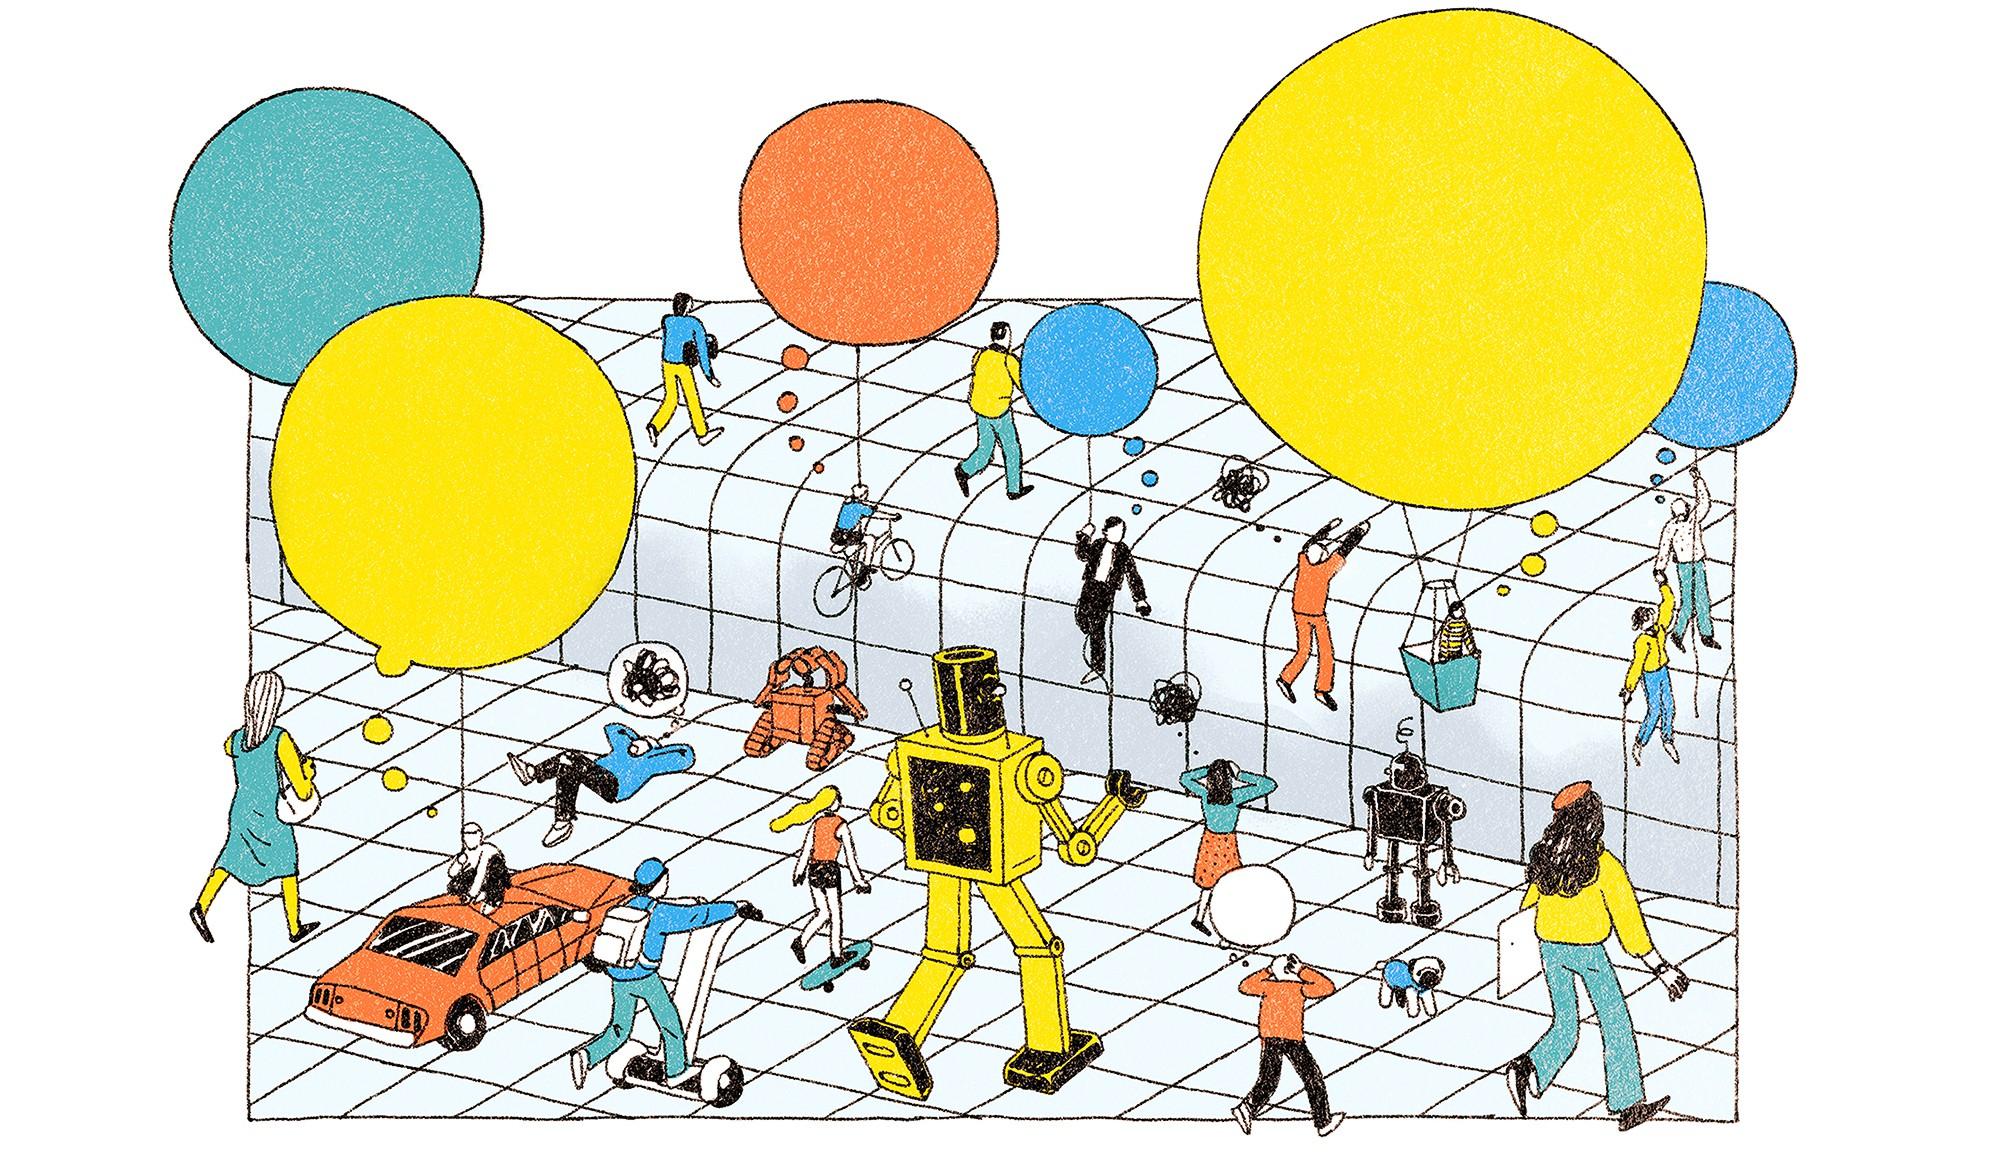 Người trẻ chuẩn bị gì cho tư duy khi công nghệ sắp làm được tất cả mọi thứ? - Ảnh 4.